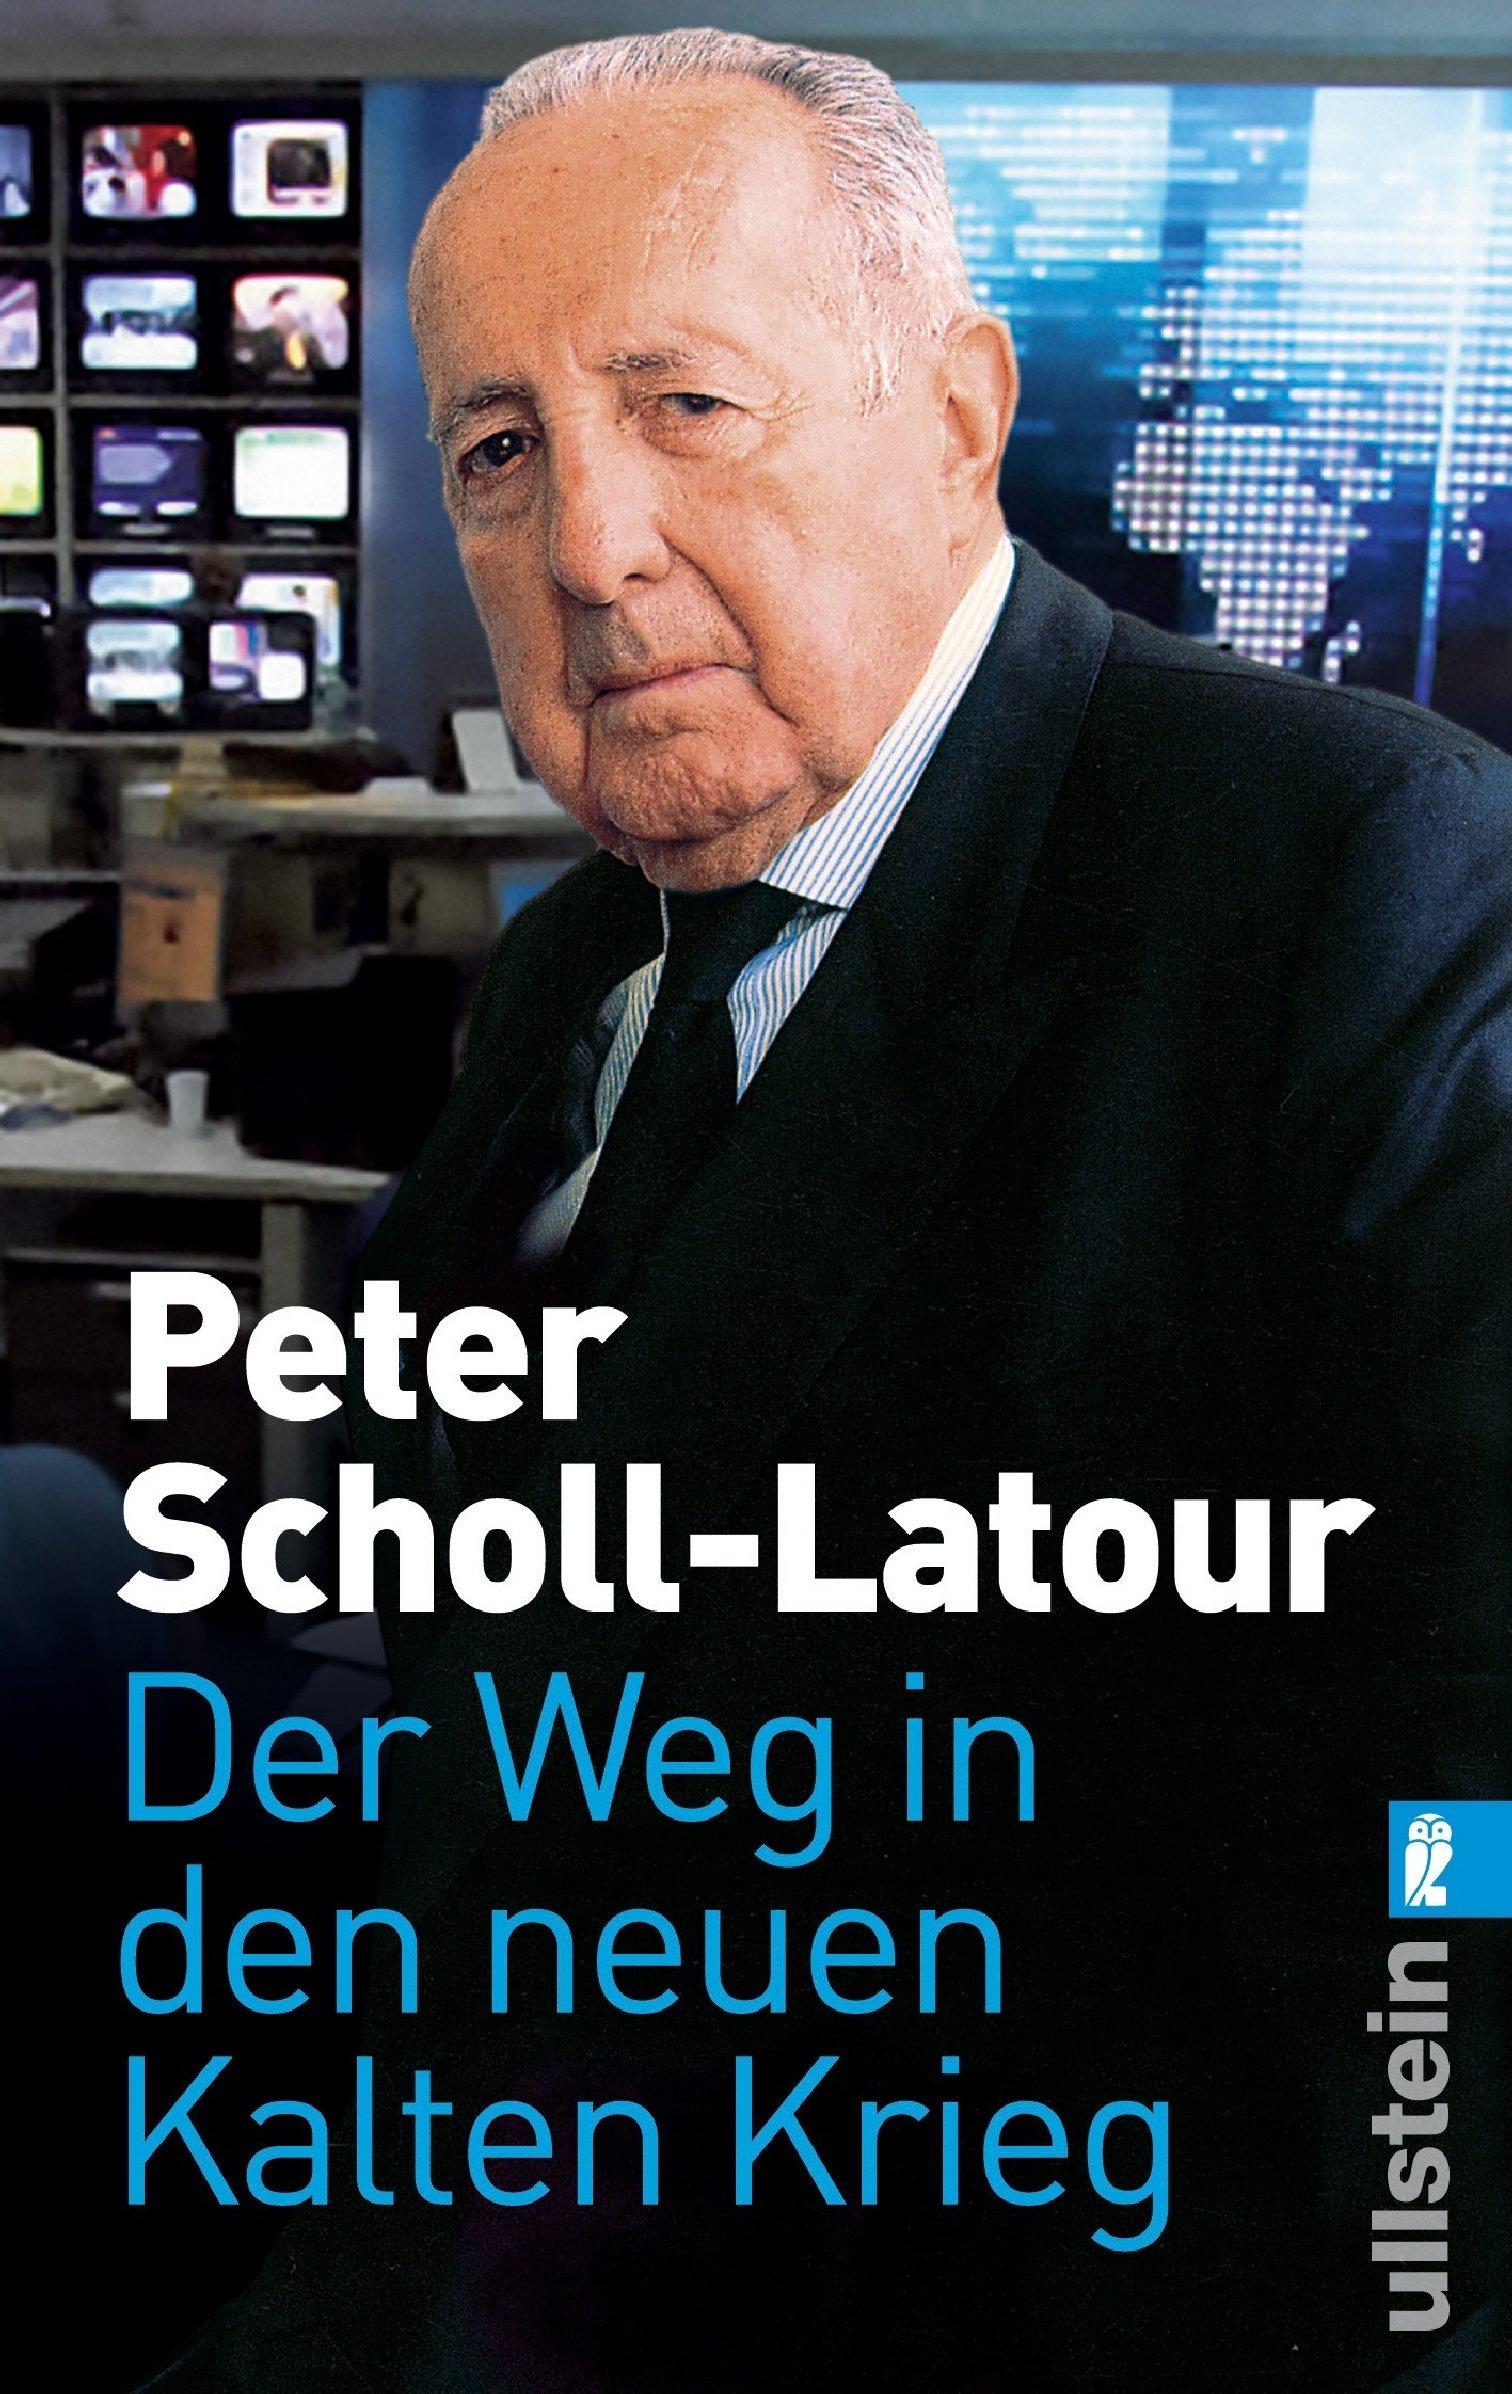 Der Weg in den neuen Kalten Krieg Taschenbuch – 9. September 2009 Peter Scholl-Latour Ullstein Taschenbuch 3548372961 1990 bis 1999 n. Chr.